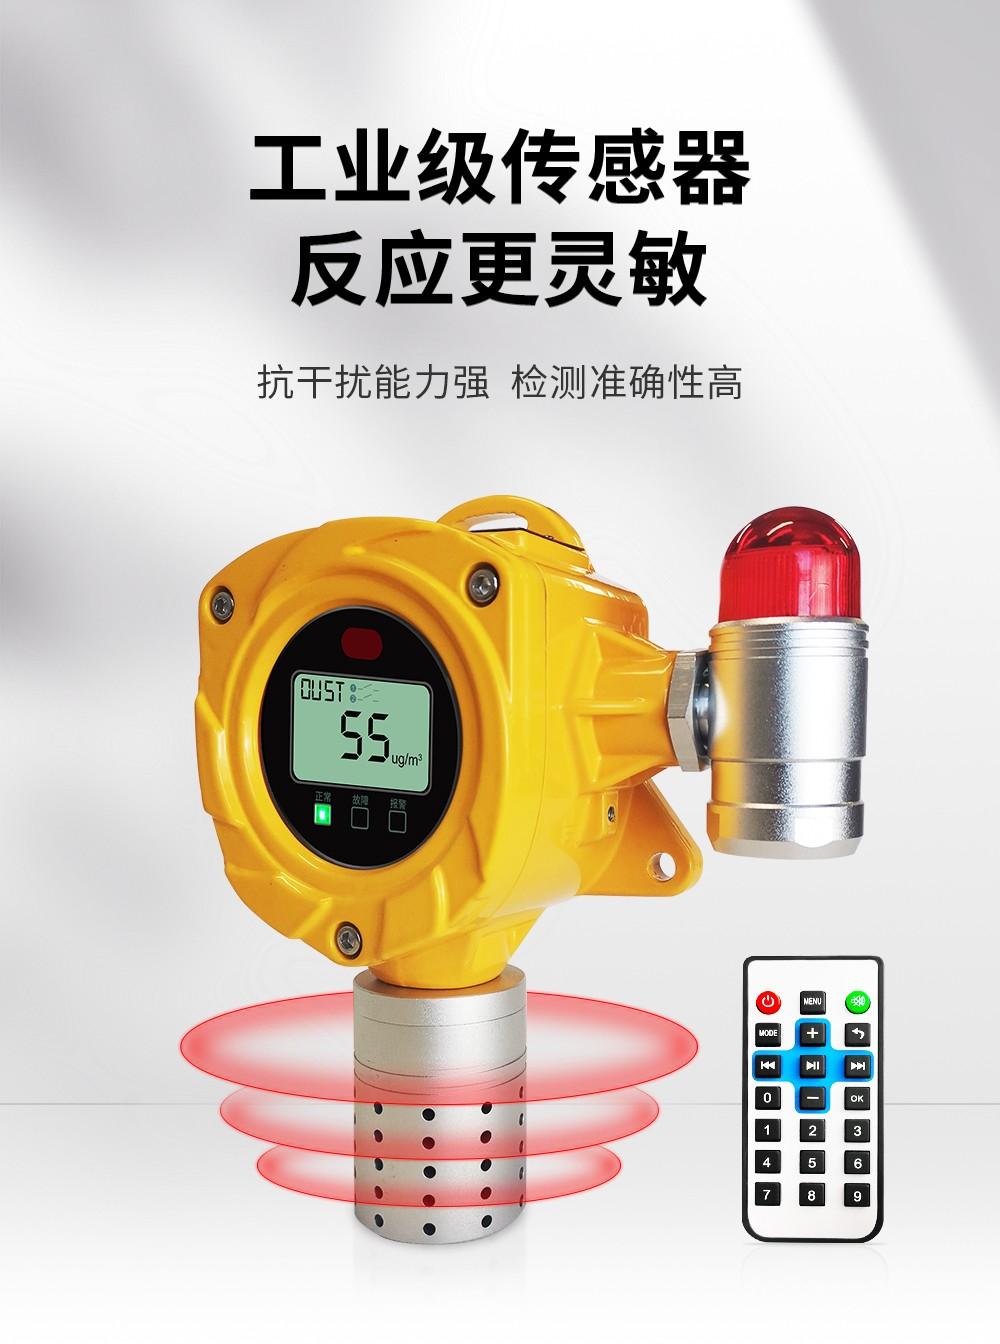 工业粉尘浓度检测仪_05.jpg